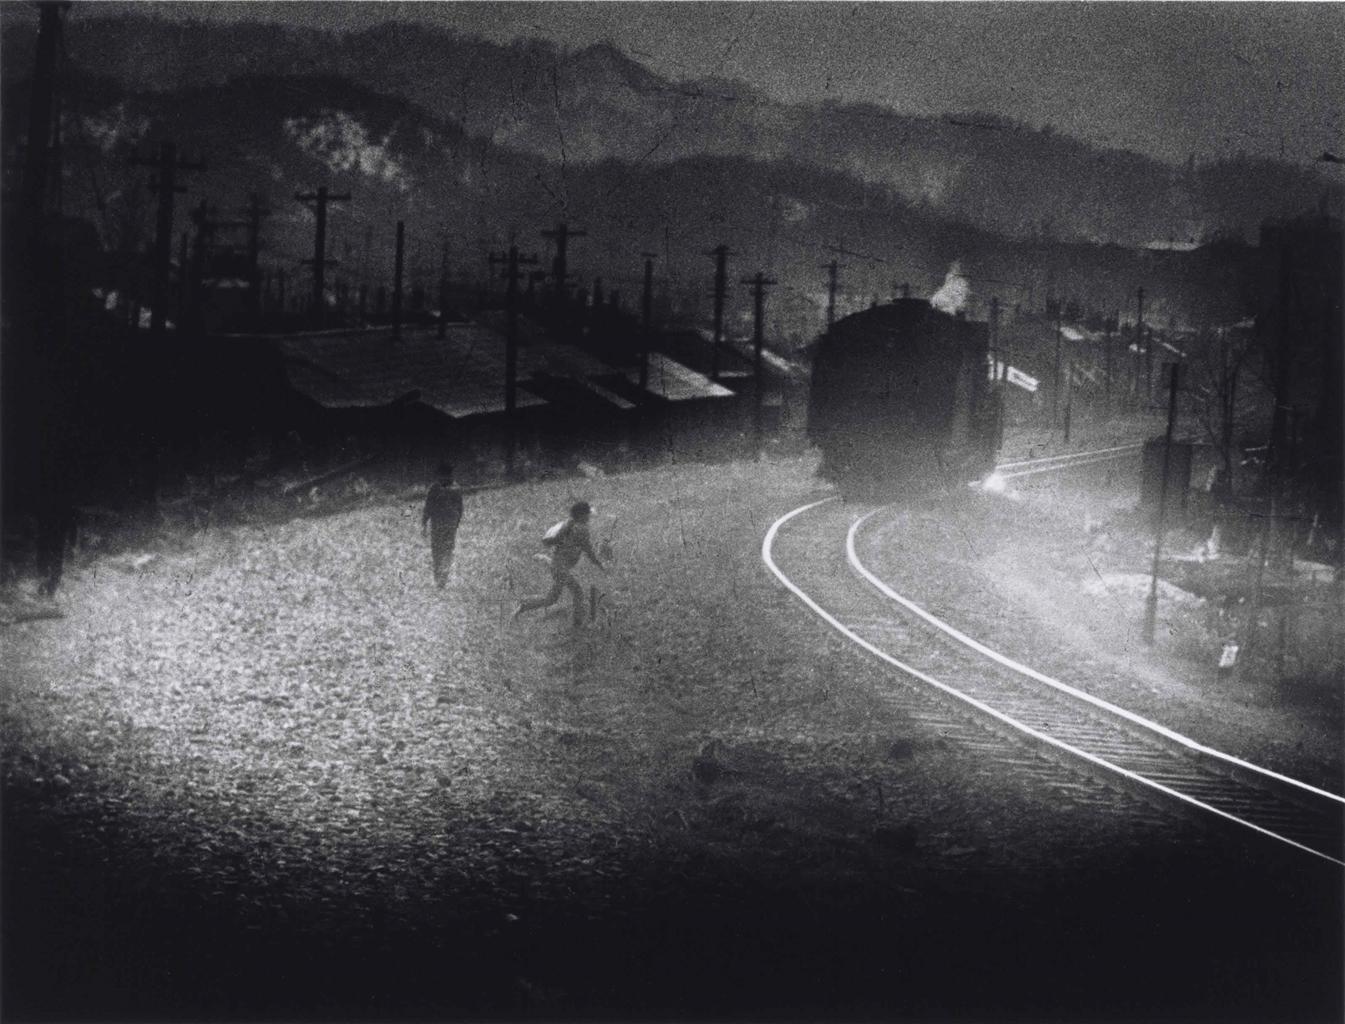 Daido Moriyama-The Yubari-1973